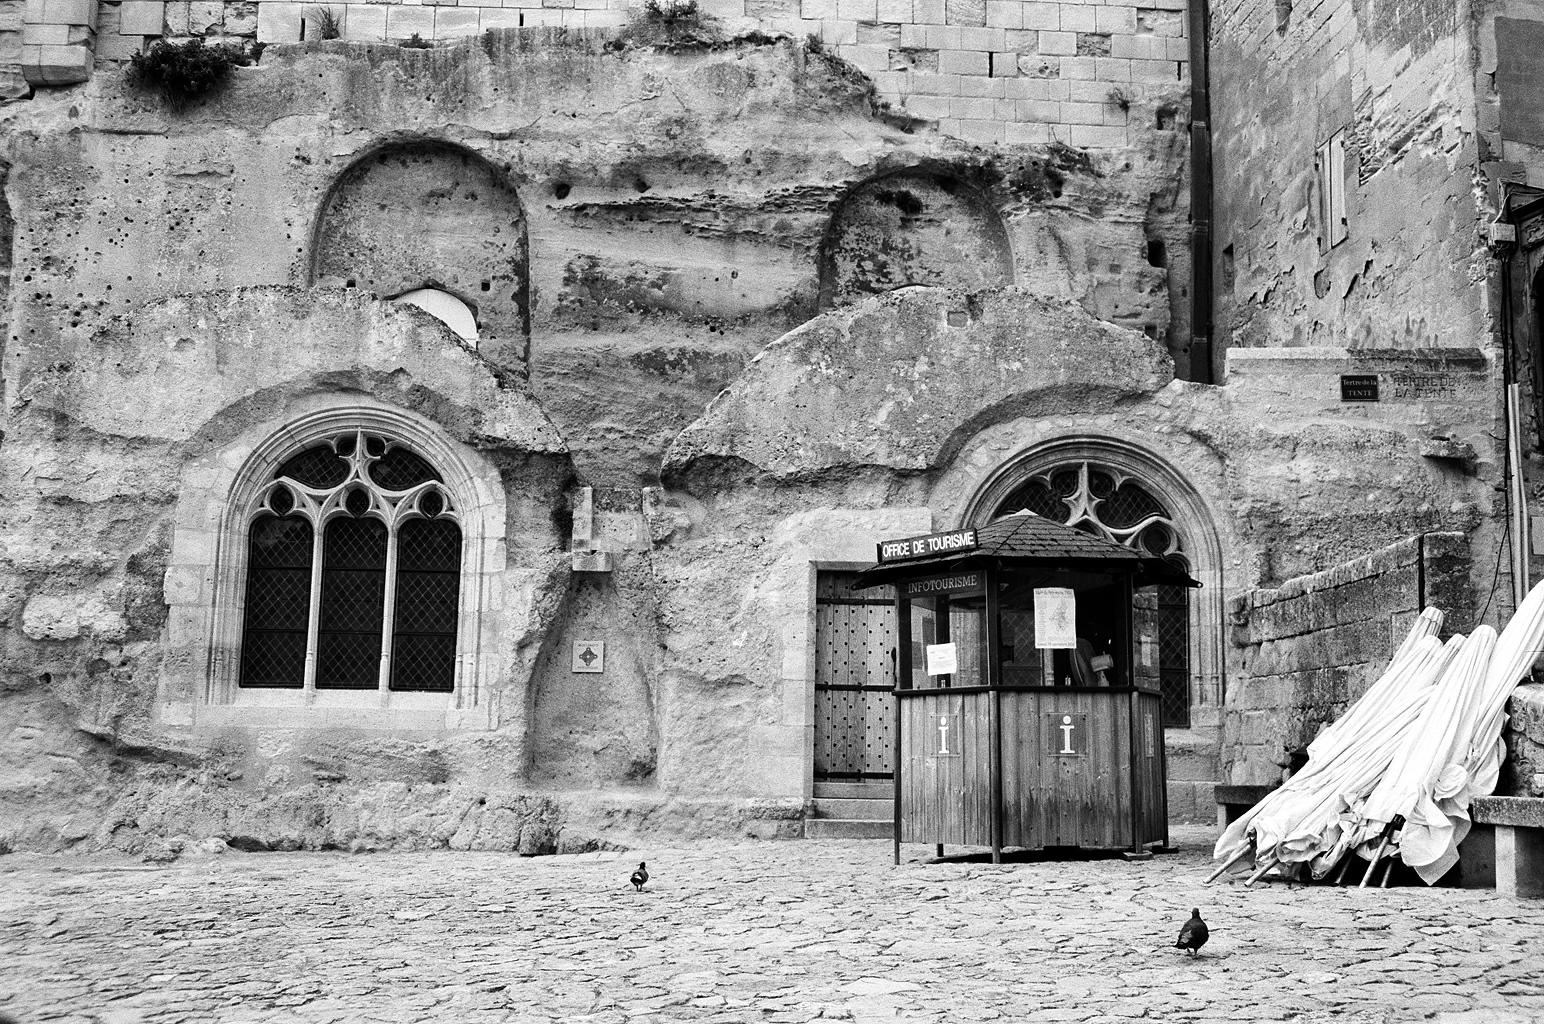 Deserted square in St Emillion